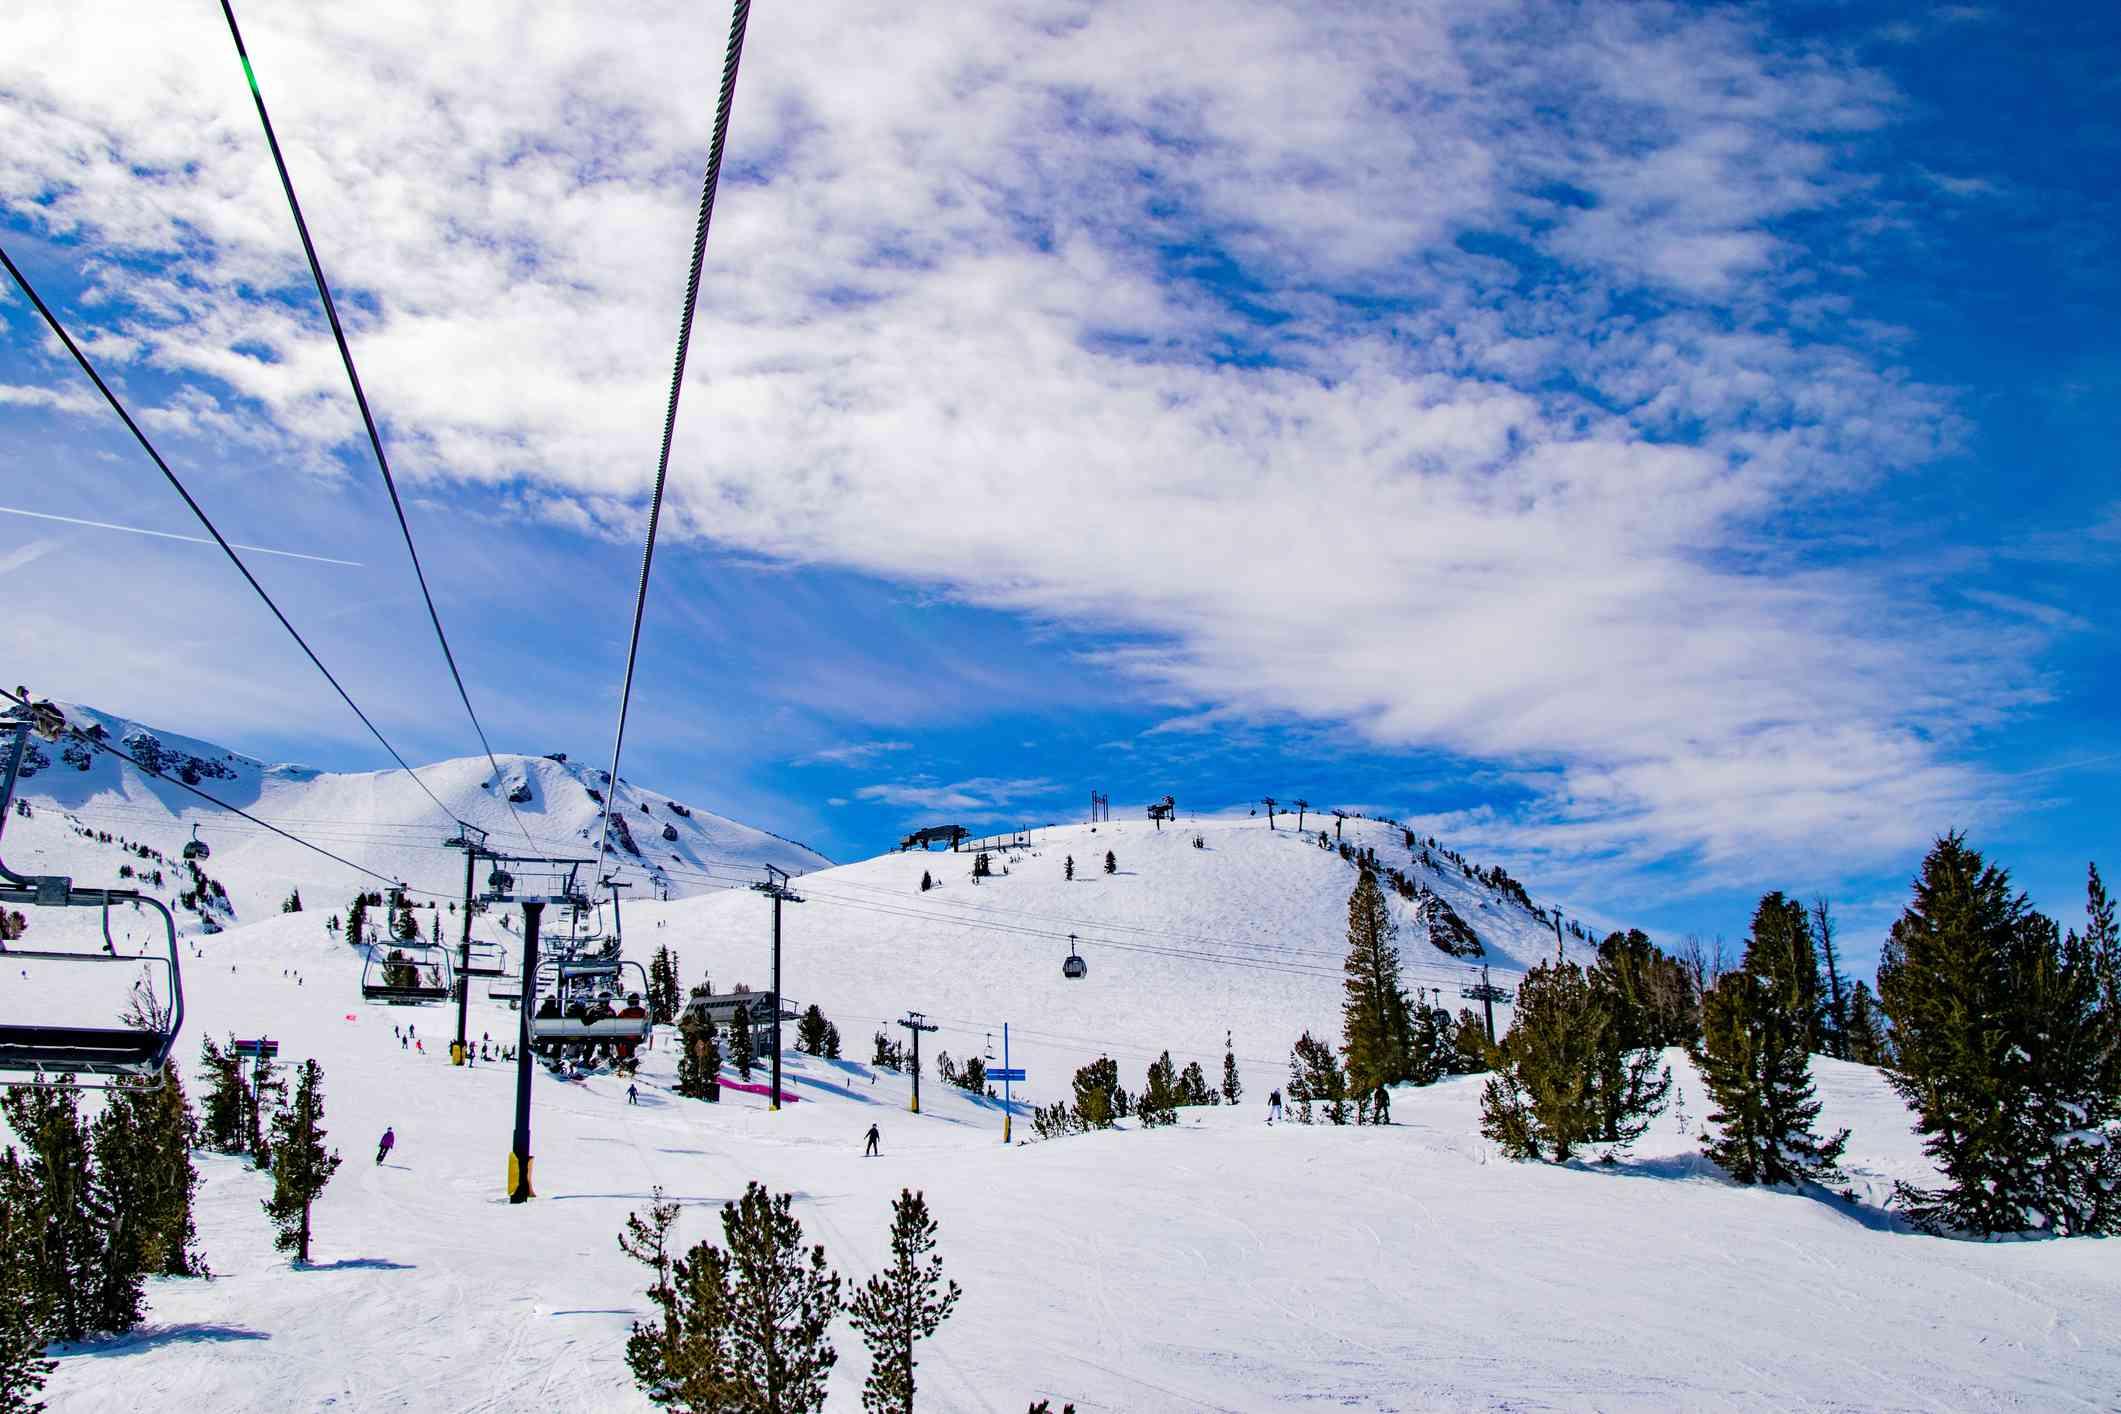 Skiing and Snowboarding at Mammoth